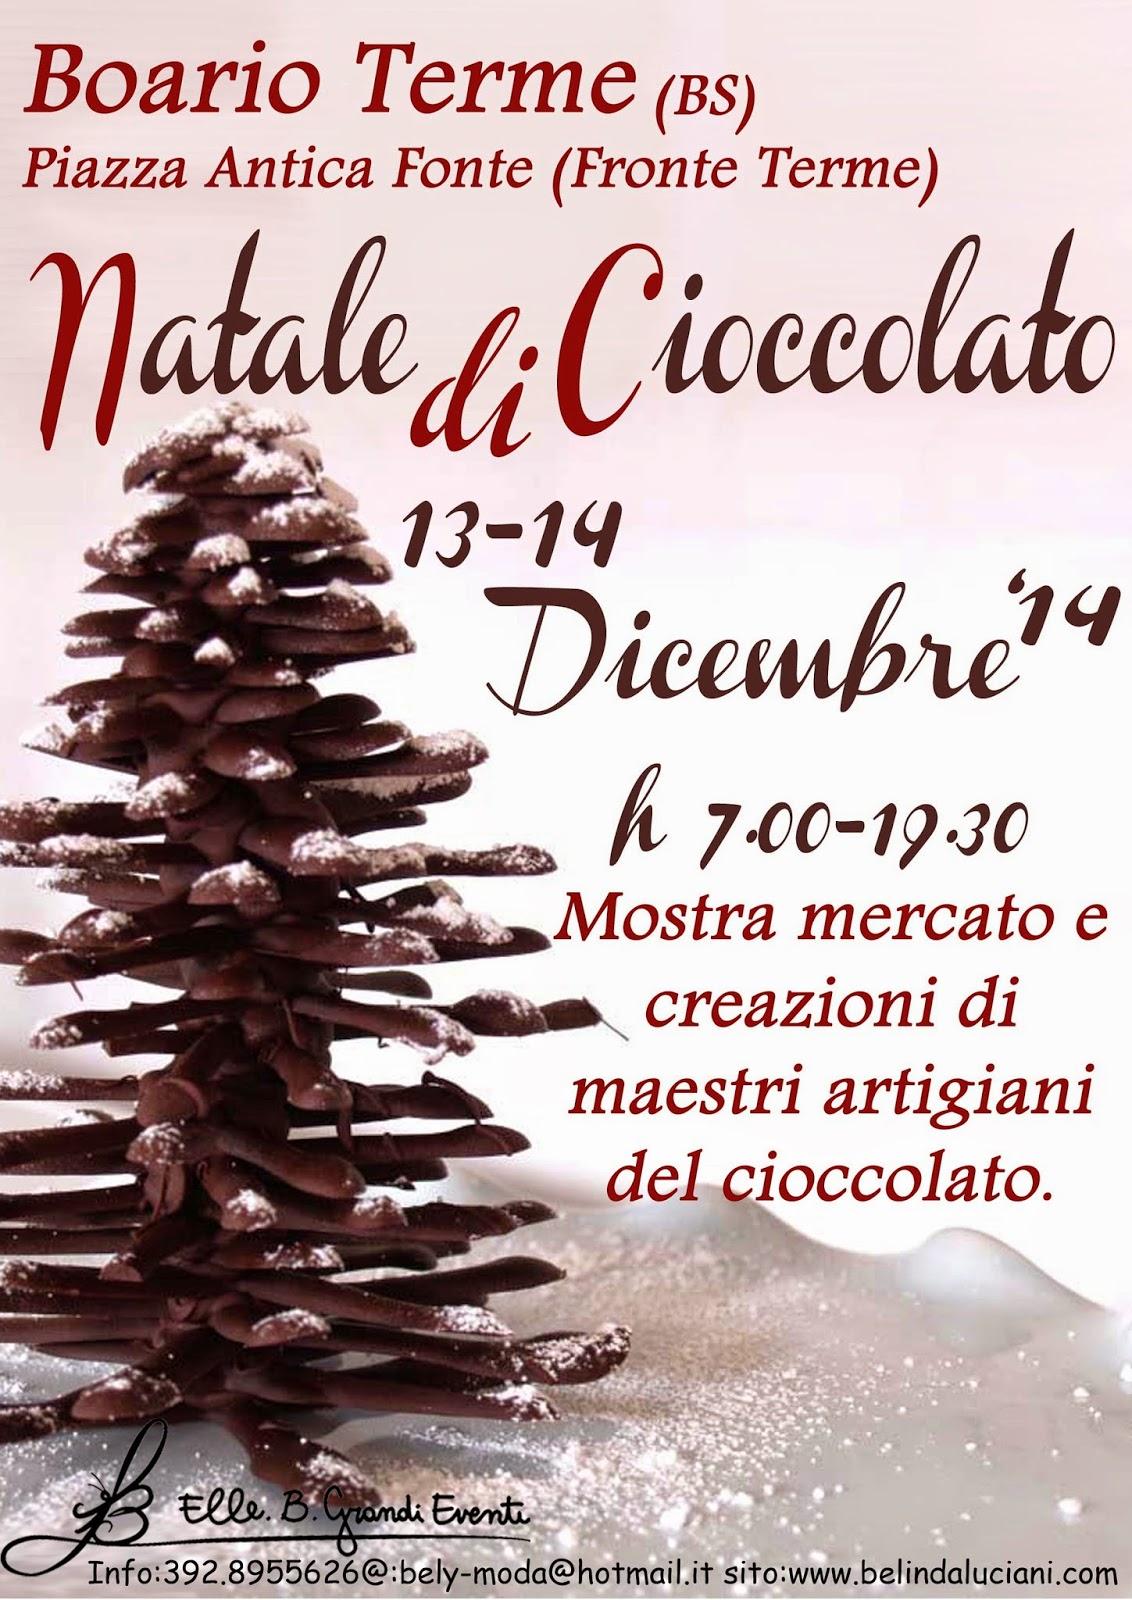 Natale di Cioccolato 13 e 14 Dicembre Boario Terme (BS)